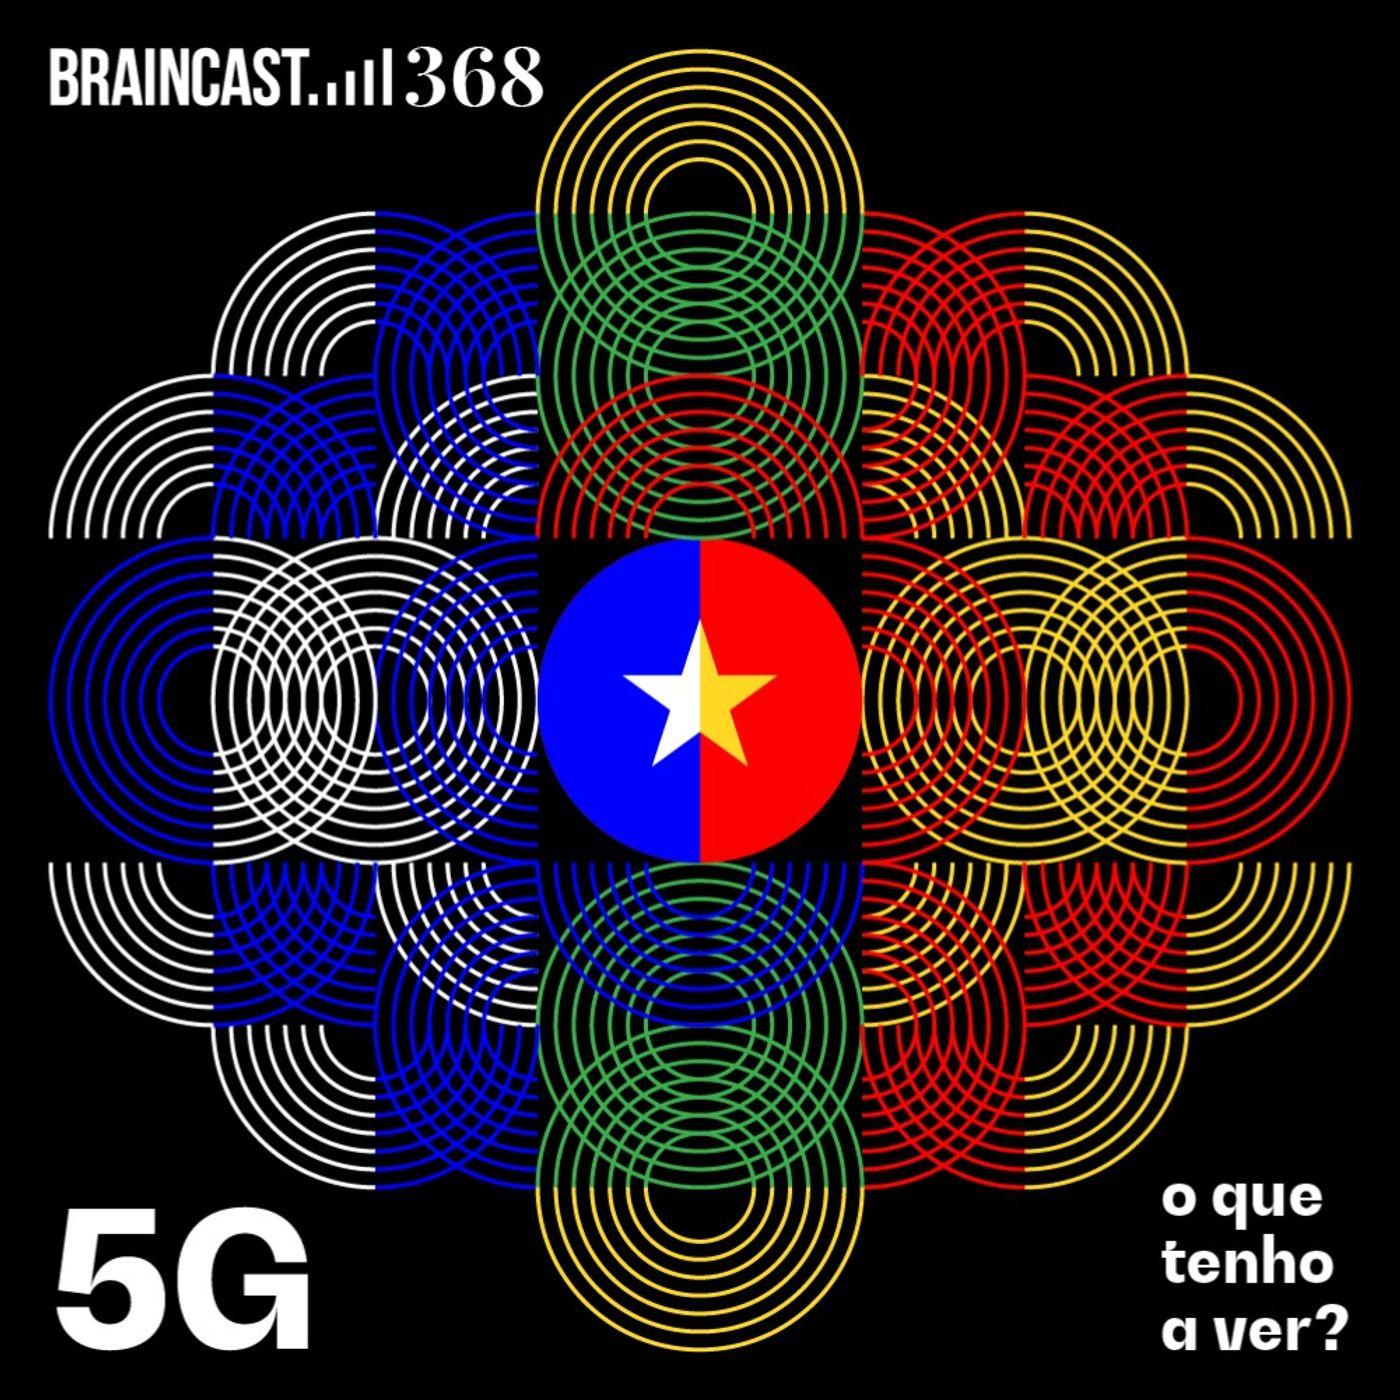 5G: o que tenho a ver?